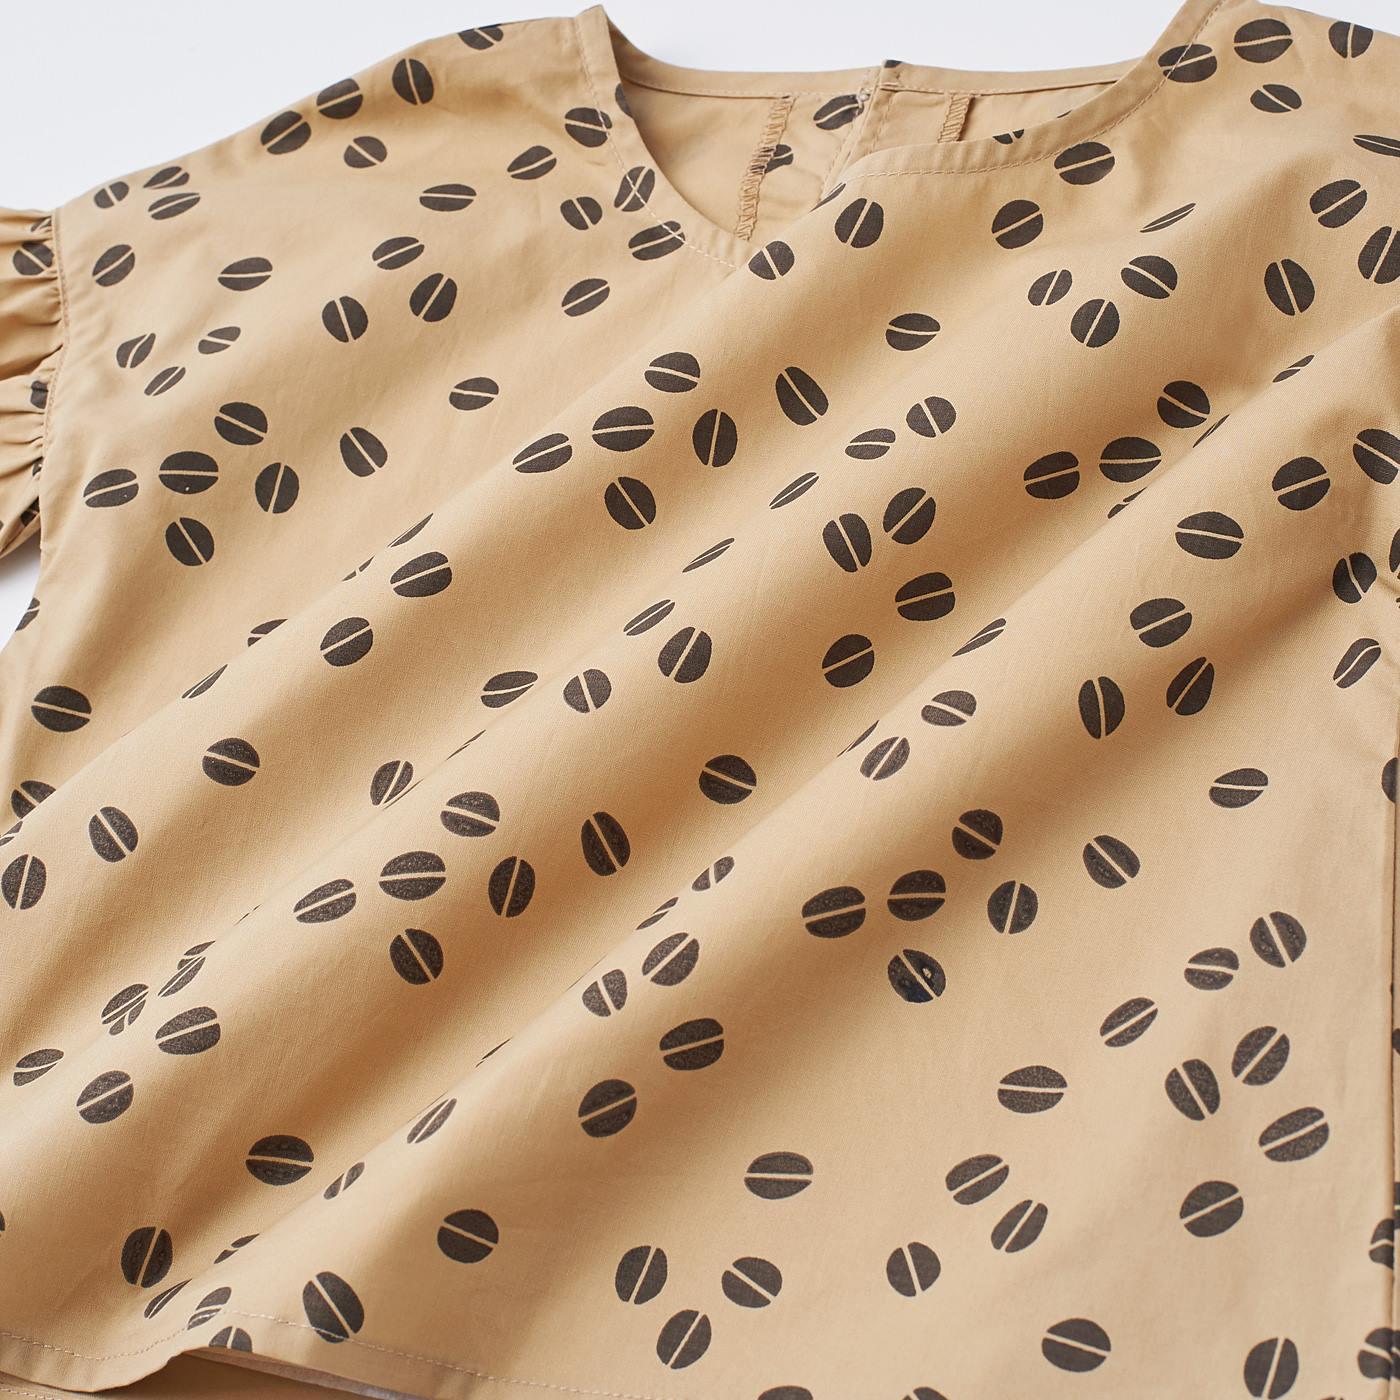 綿100%の布はく素材、カフェオレカラー×コーヒー豆プリントの組み合わせがオトナっぽくてかわいい。